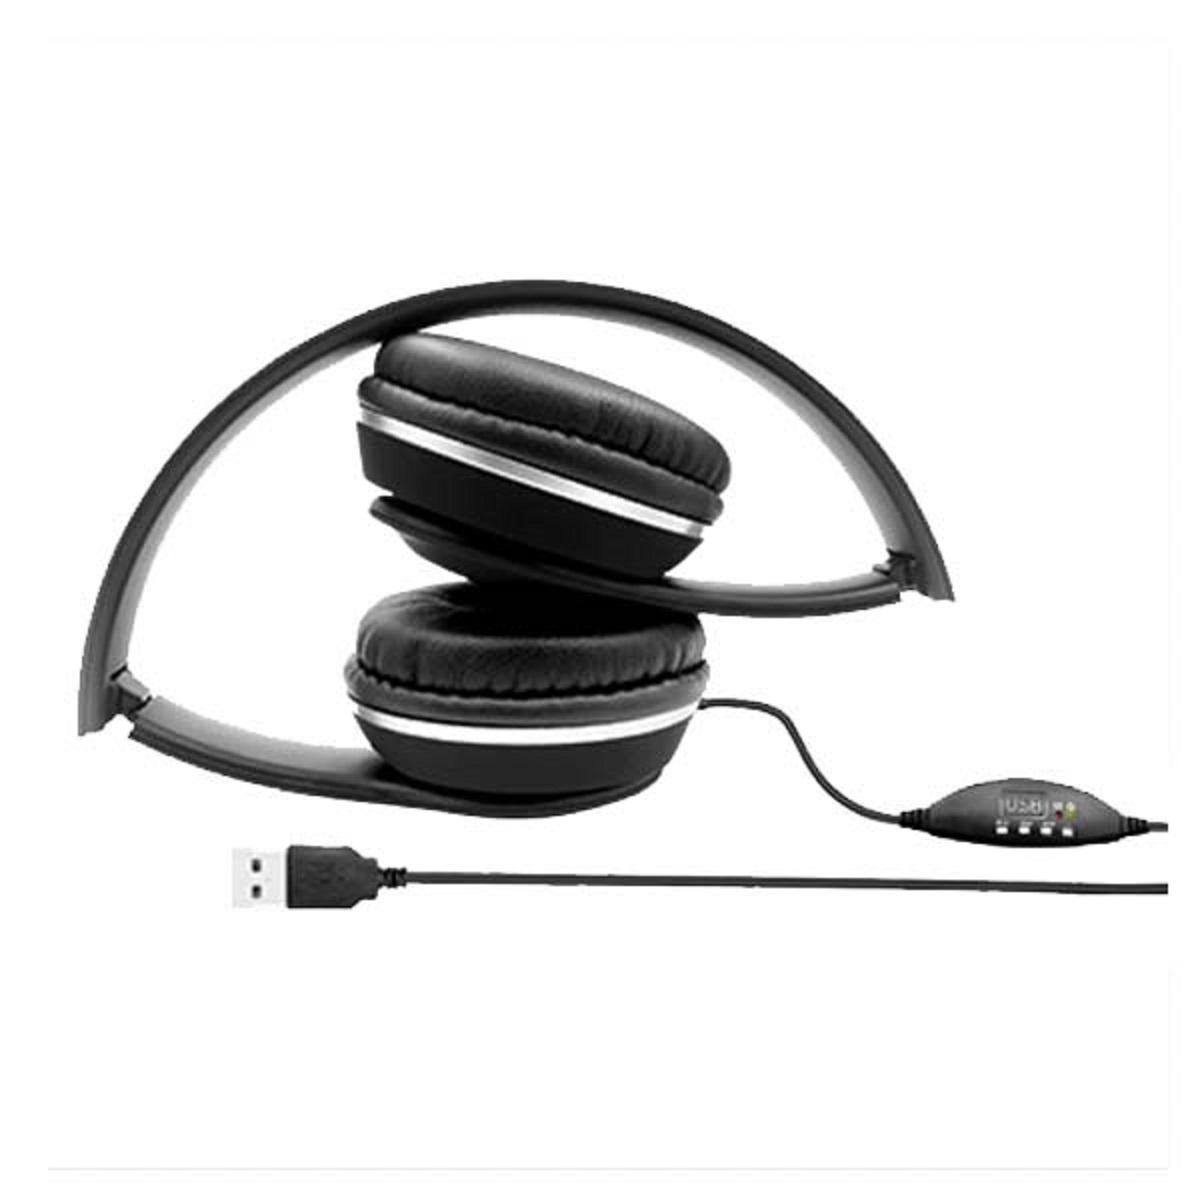 Intex HeadPhone ROAR 91U USB Multimedia Headphones